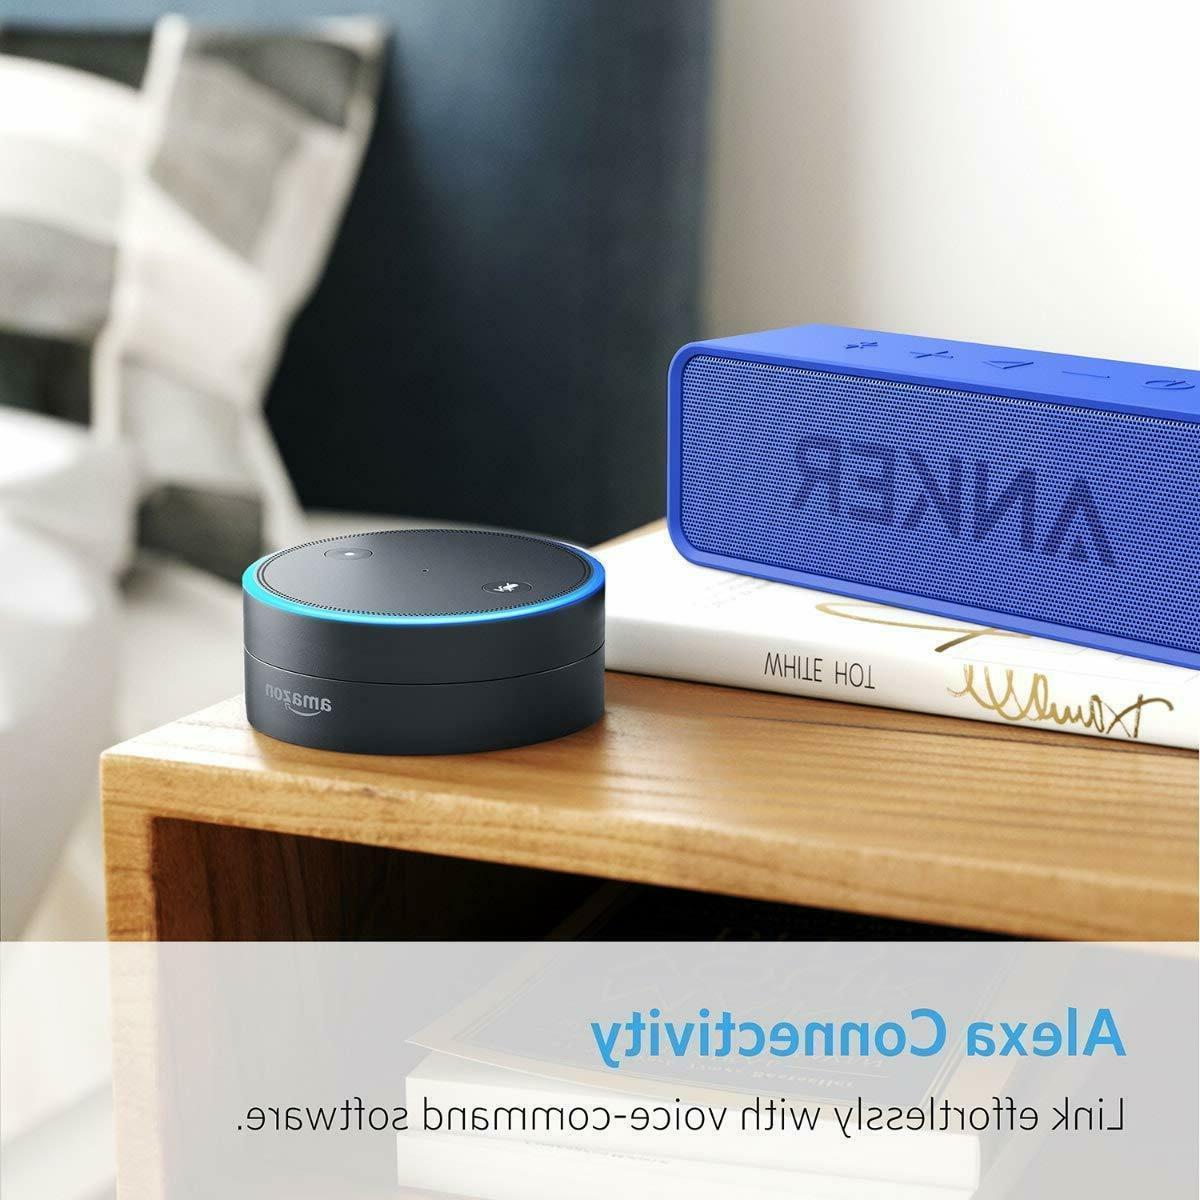 Anker Bluetooth Speaker Playtime 66ft